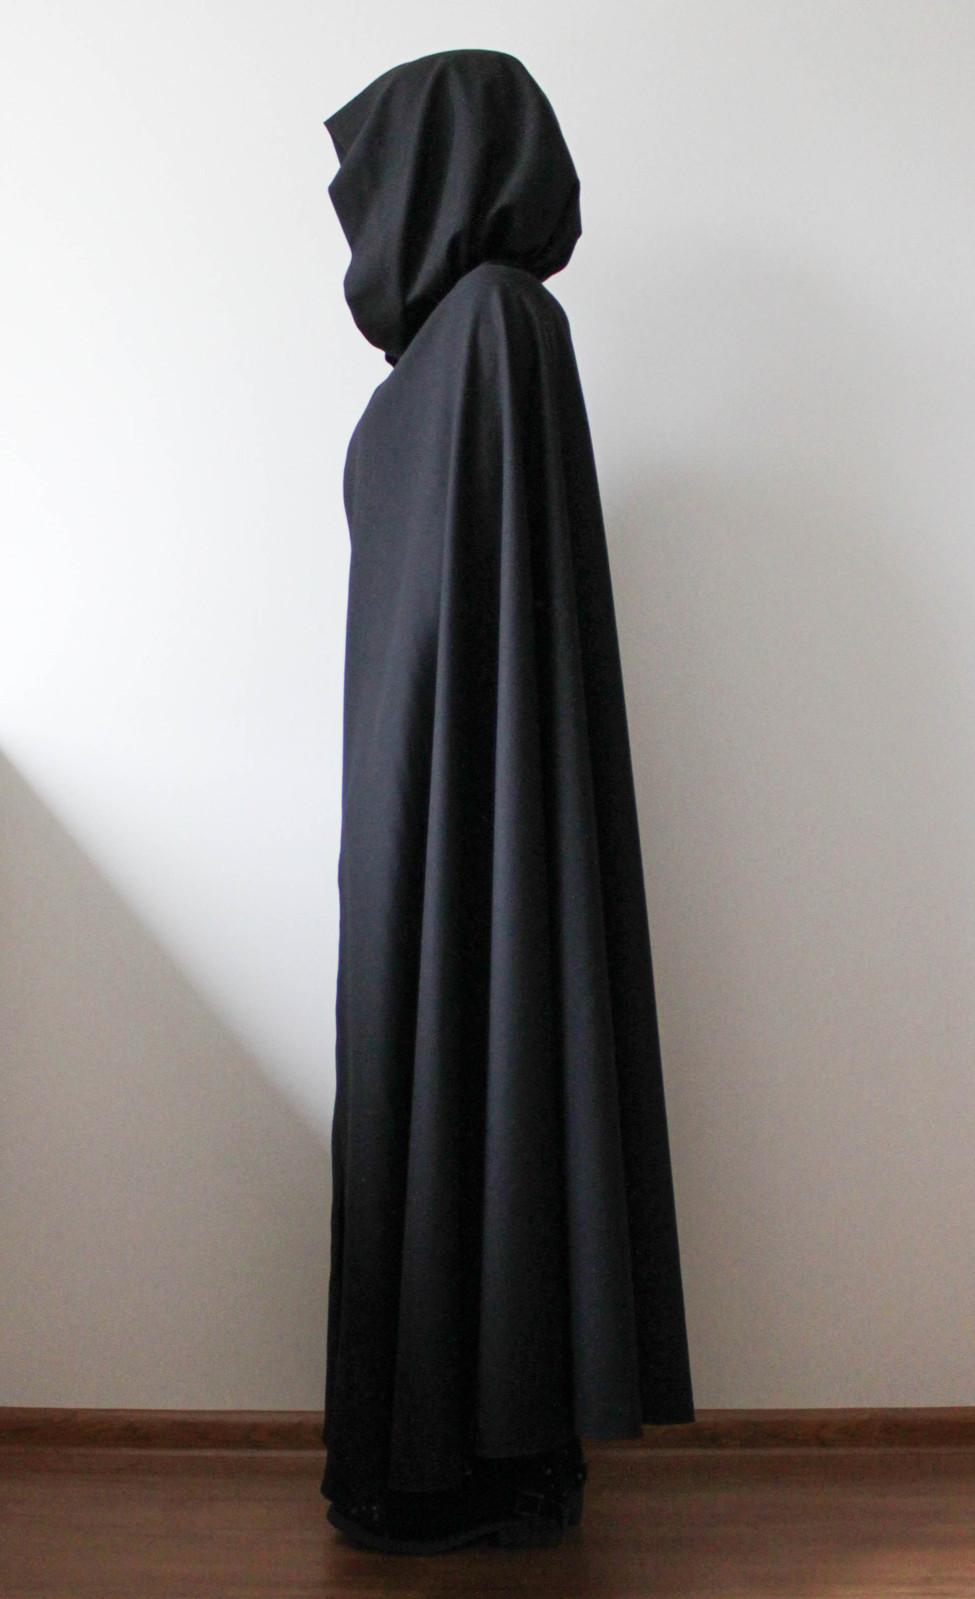 Czarna peleryna średniowieczna